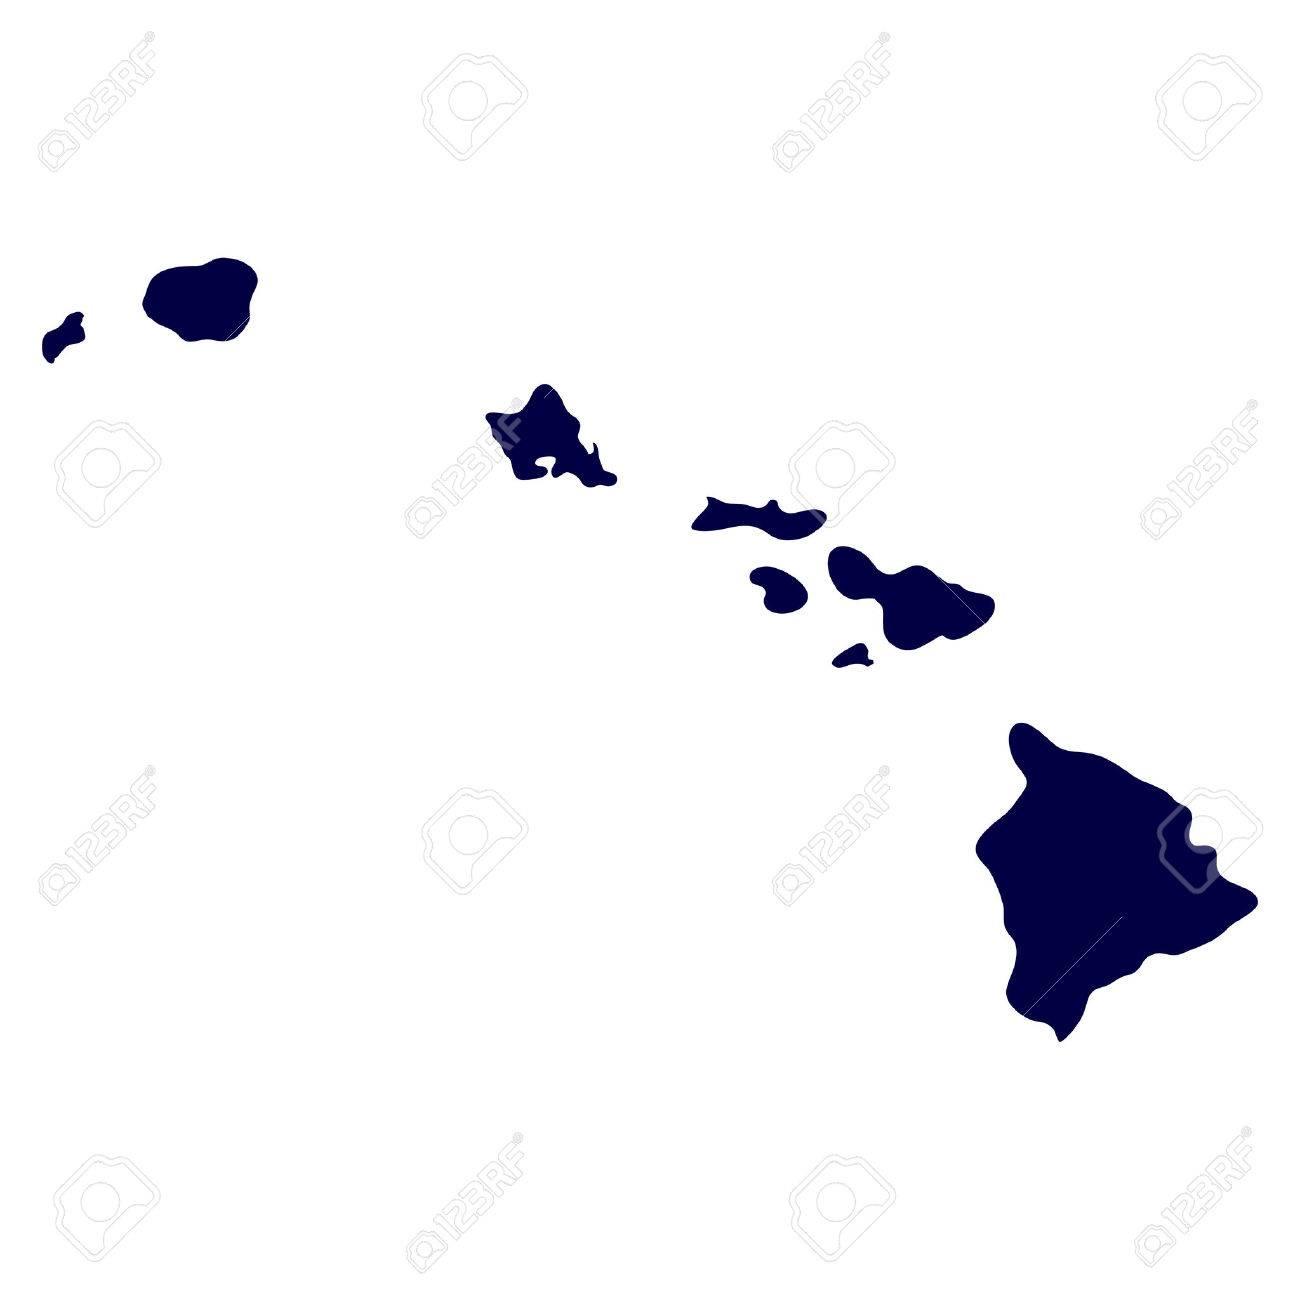 U S ハワイ州の地図 ロイヤリテ...